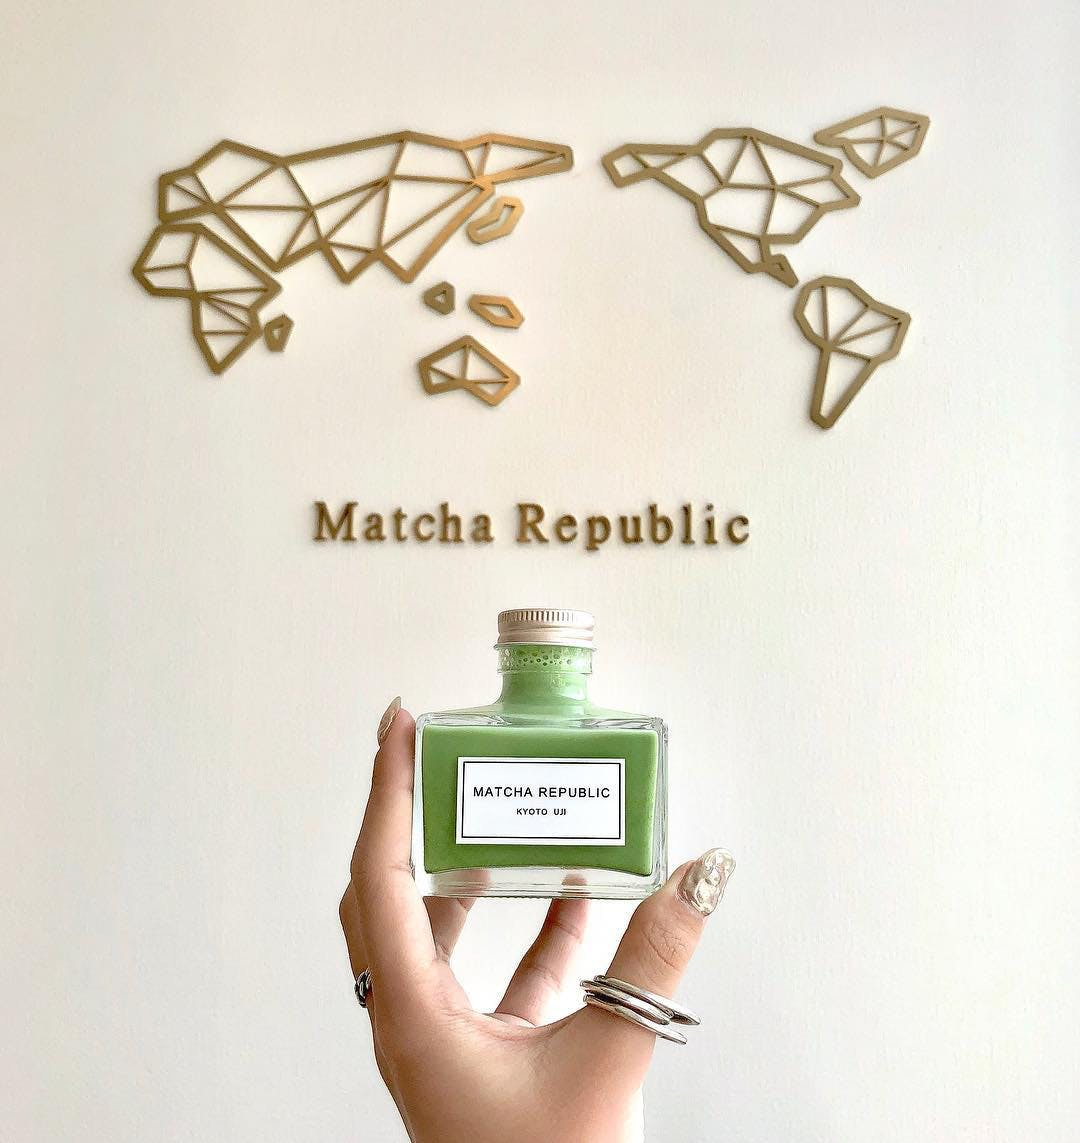 抹茶共和国 Matcha Republic (京都・宇治)